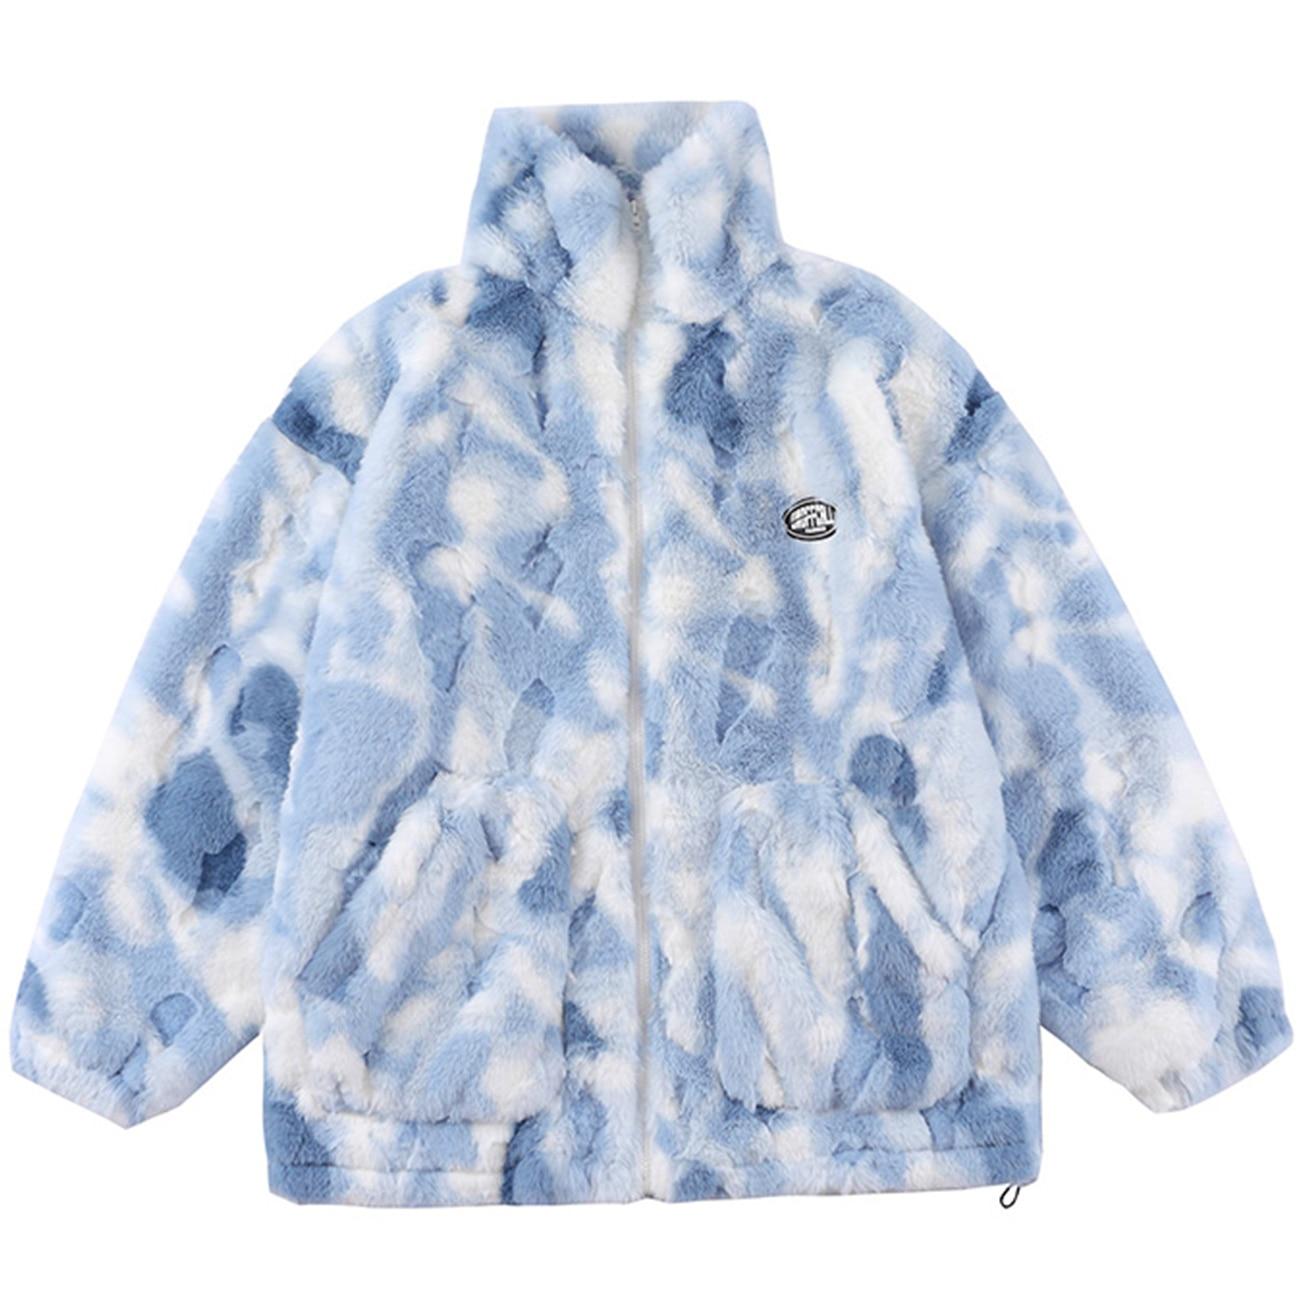 Гибкая зимняя куртка для мужчин и женщин, фланелевая шерстяная куртка, пальто, уличная одежда, парка на молнии с принтом, хлопковая свободна...